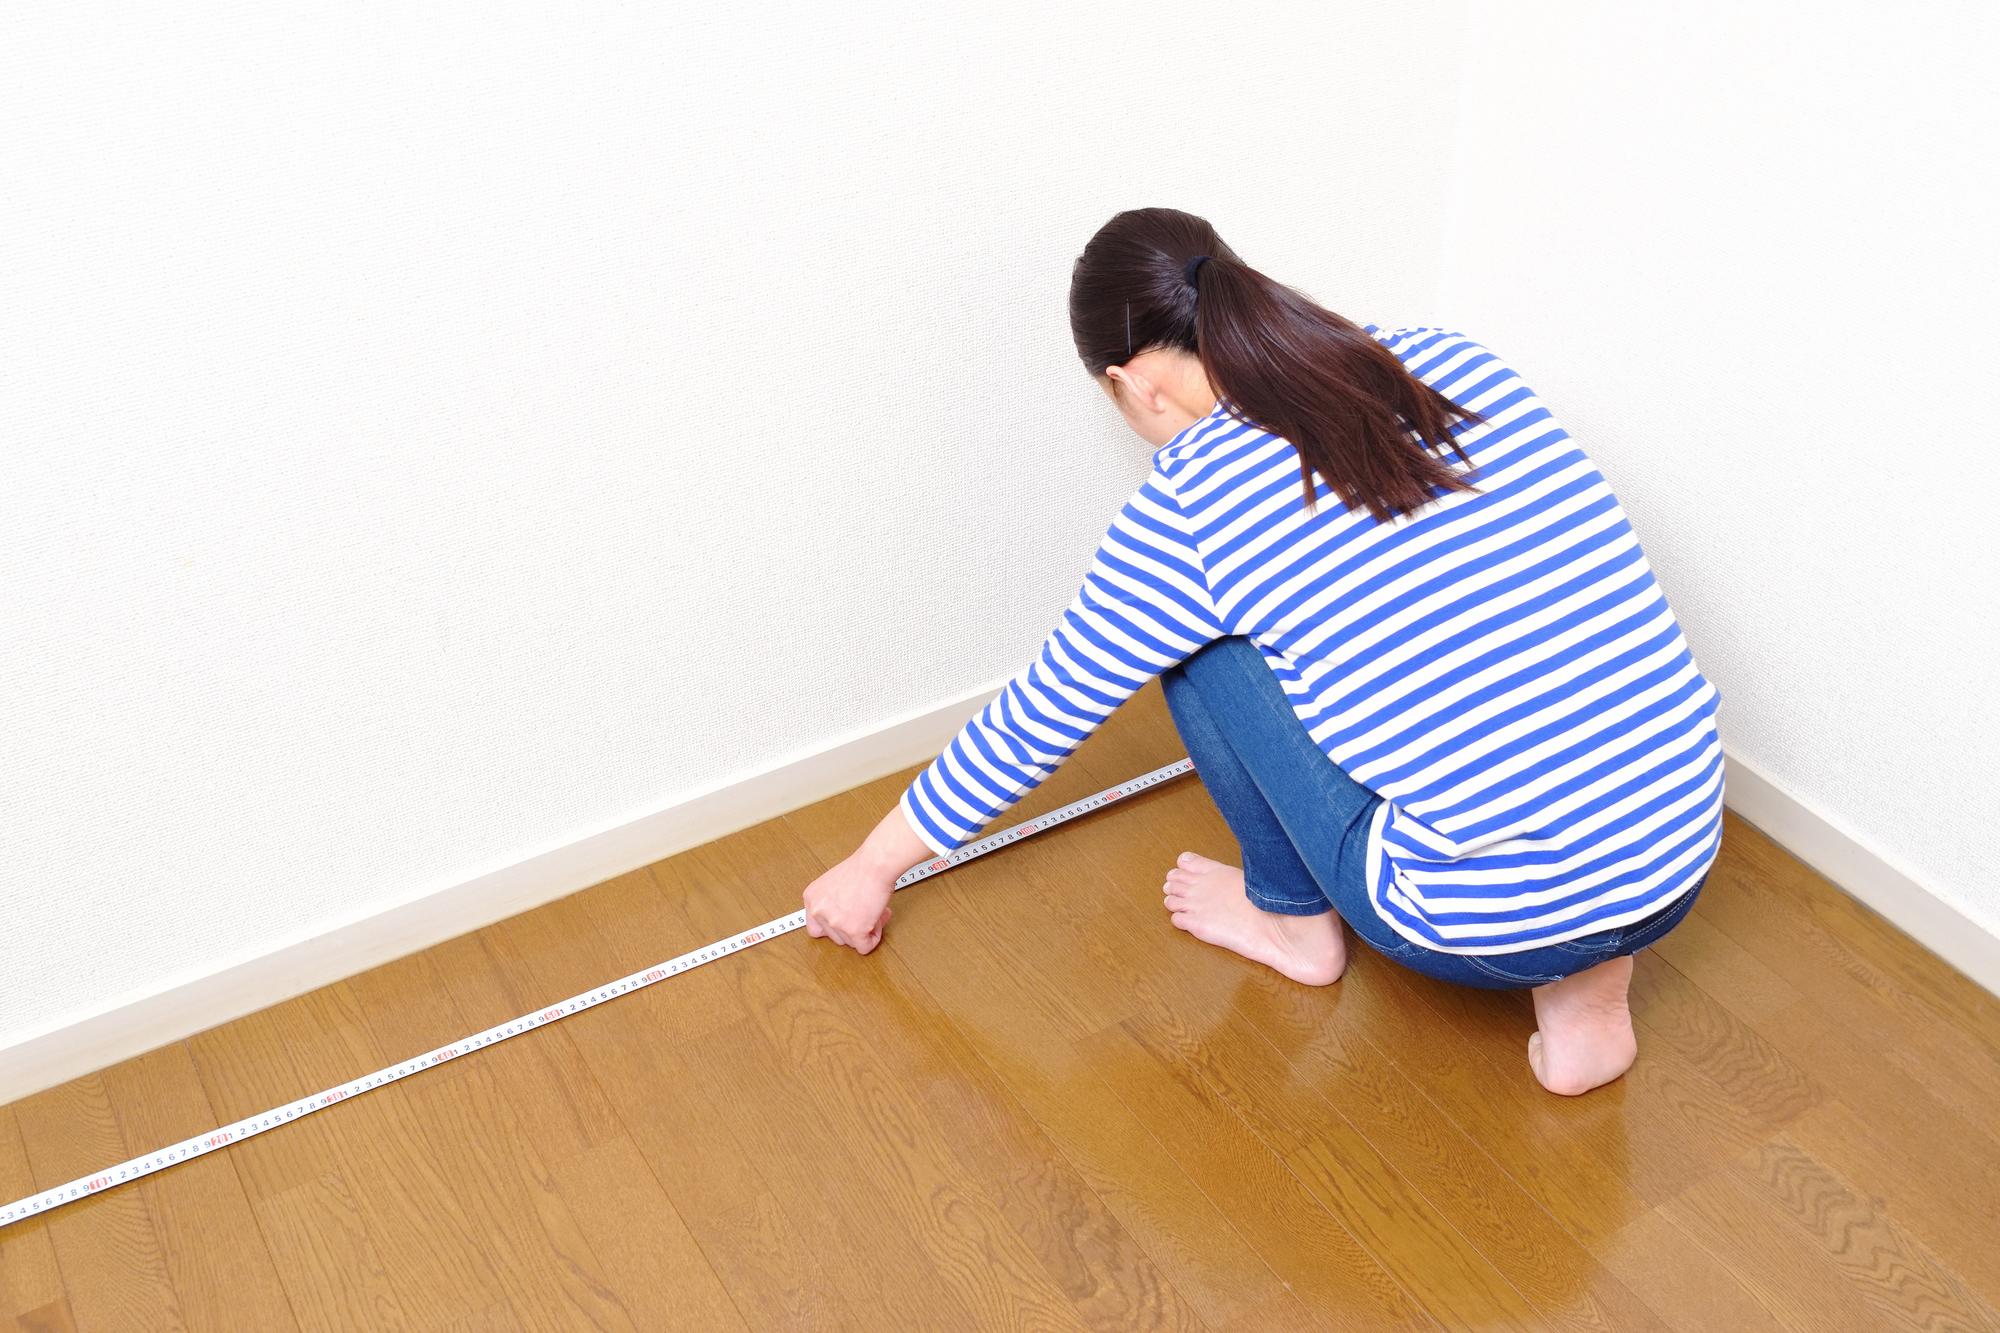 部屋のサイズを測る女性